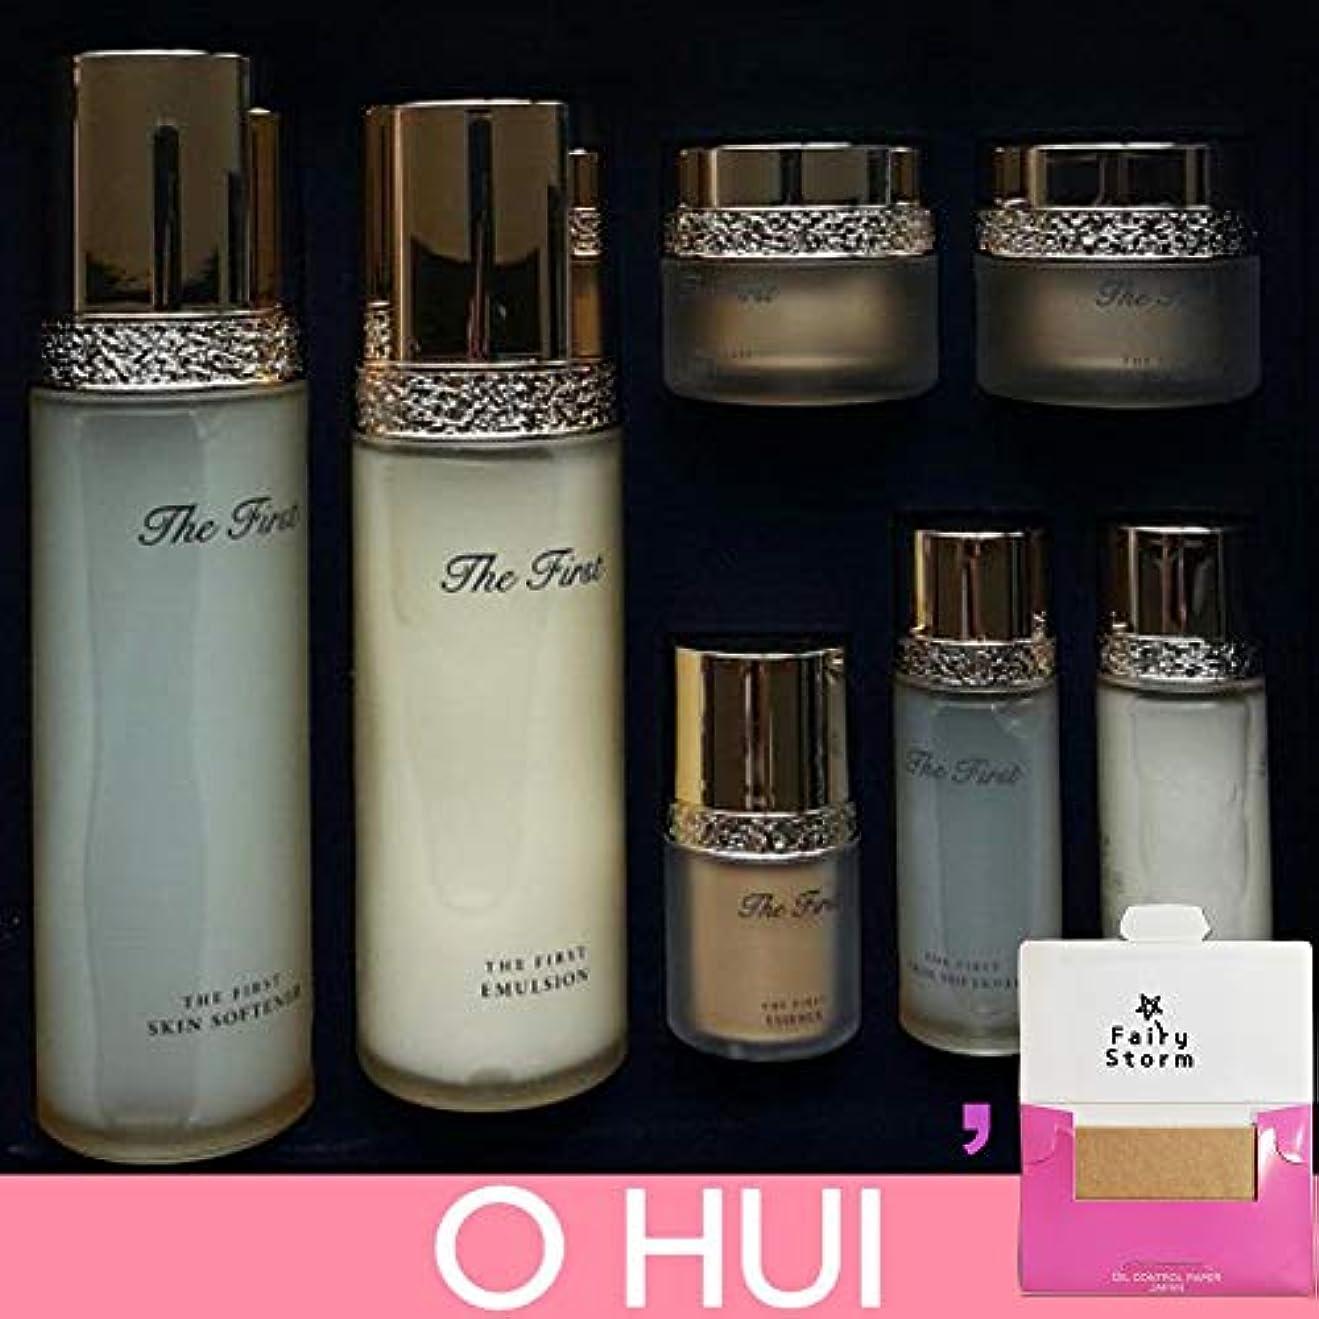 たっぷり聖歌直接[オフィス/O HUI]OHUI THE FIRST SPECIAL 2EA SET/オフィ ザ ファースト 2種 スペシャルセット + [Sample Gift](海外直送品)